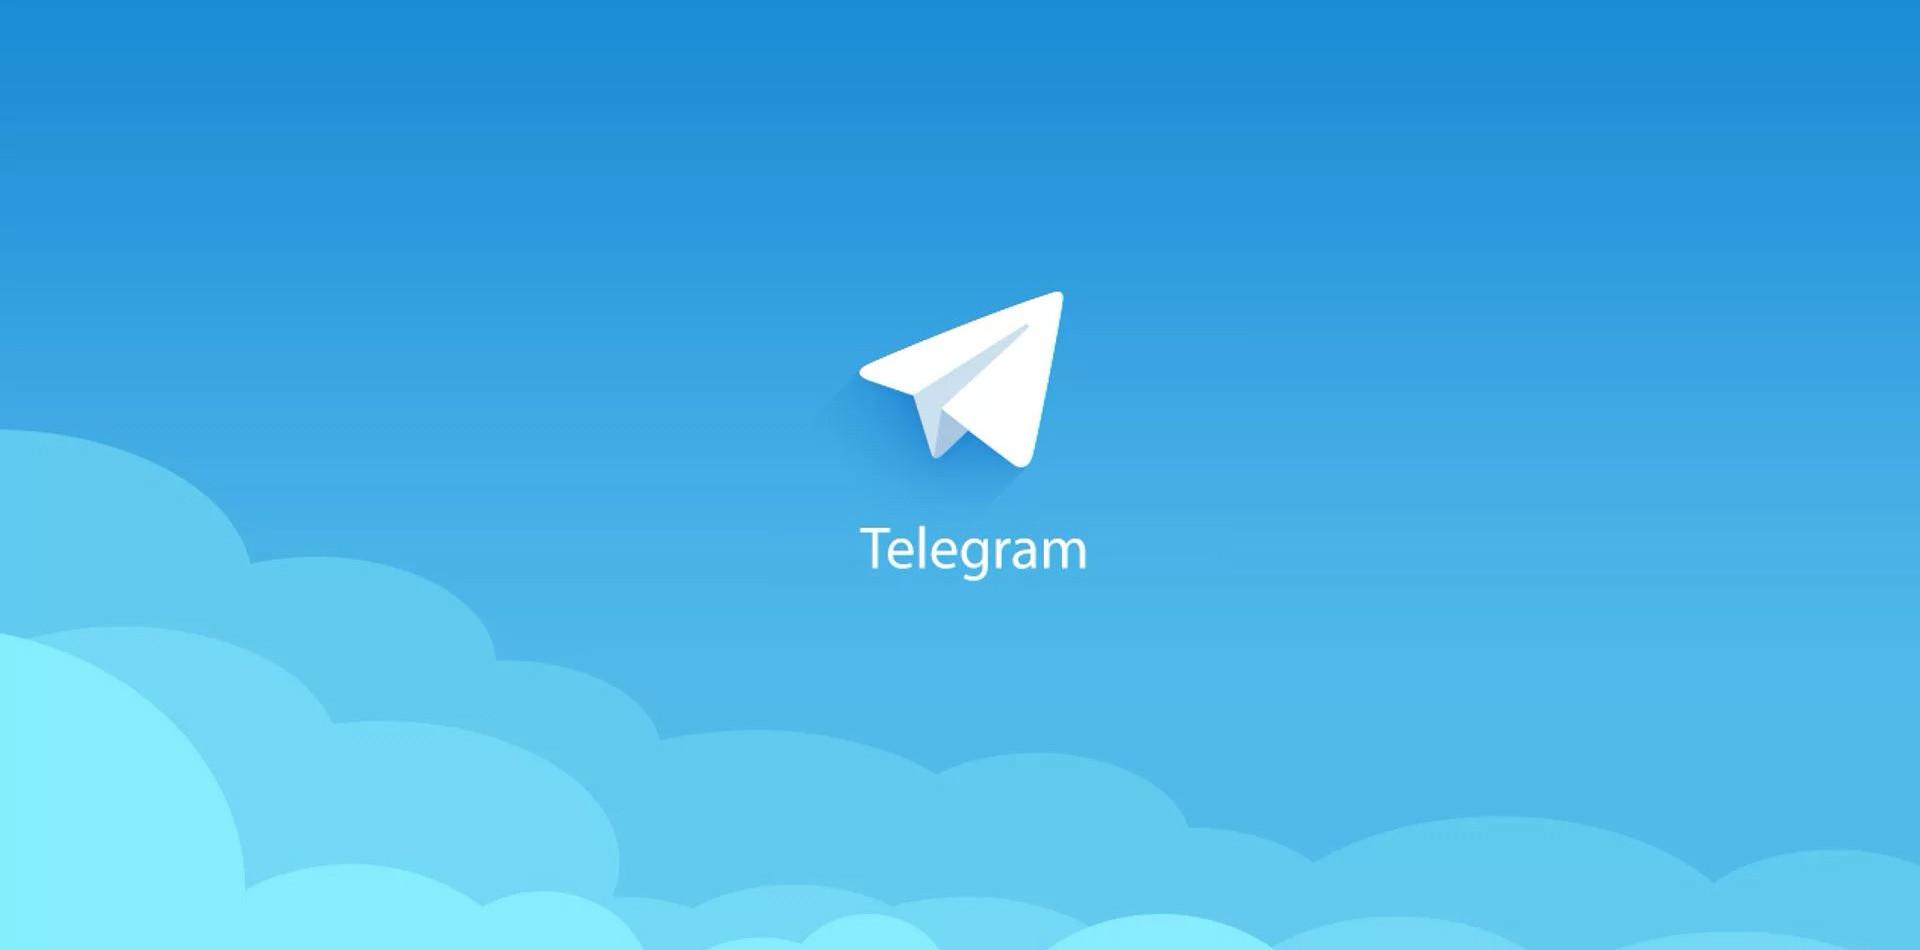 logo telegram wallpaper